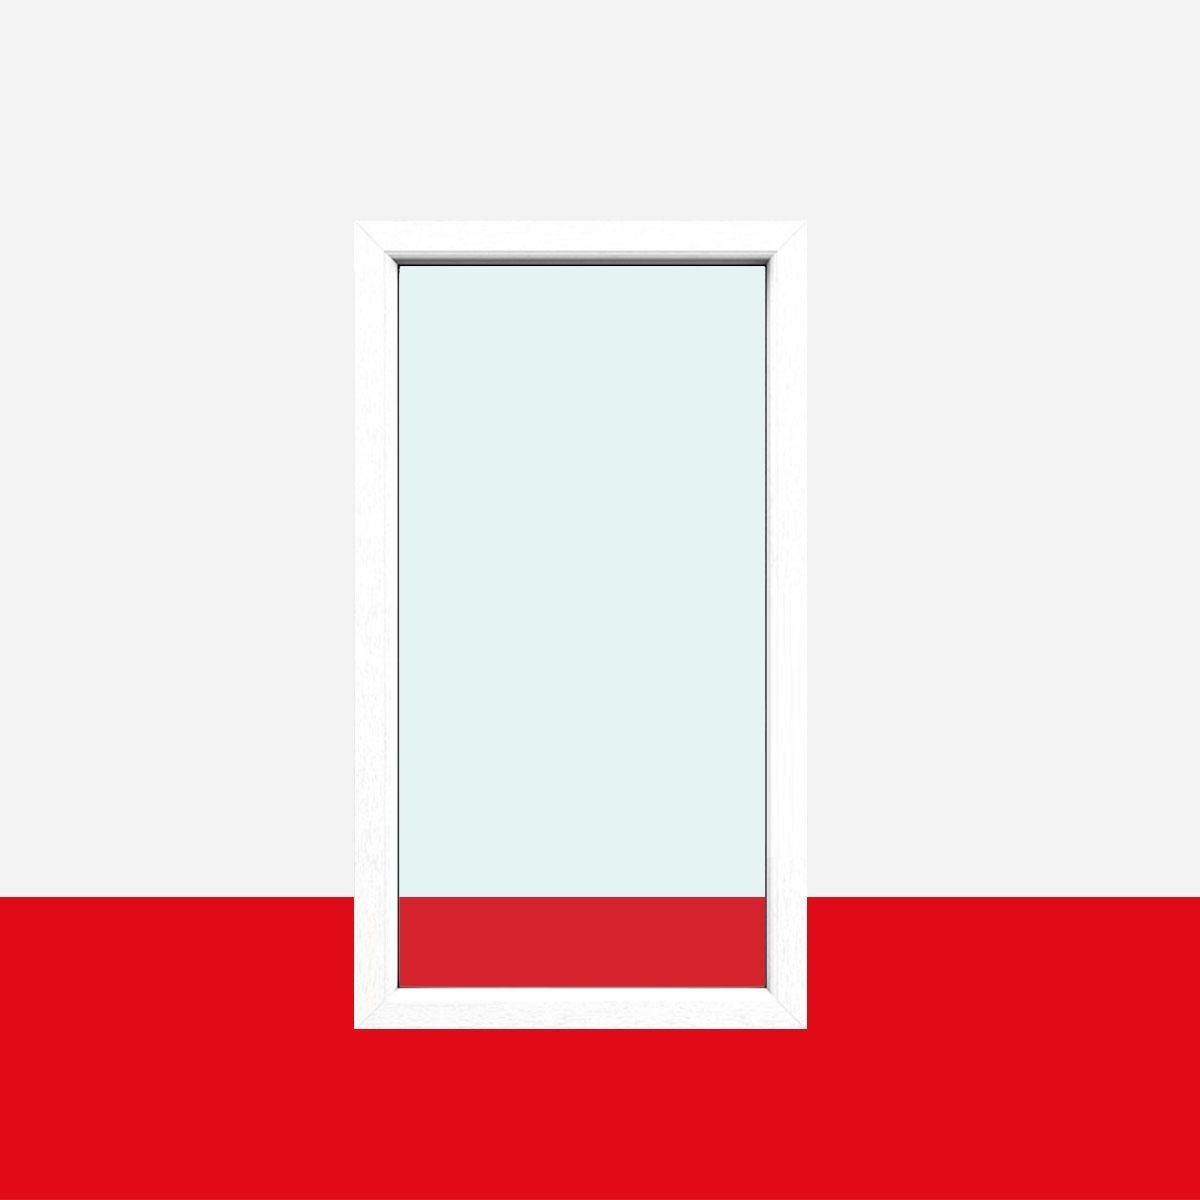 Full Size of Fenster 120x120 Festverglasung Streifen Fest Kunststofffenster Beleuchtung Kbe Rolladen Dachschräge Mit Sprossen Jalousien Köln Reinigen Sicherheitsfolie Fenster Fenster 120x120